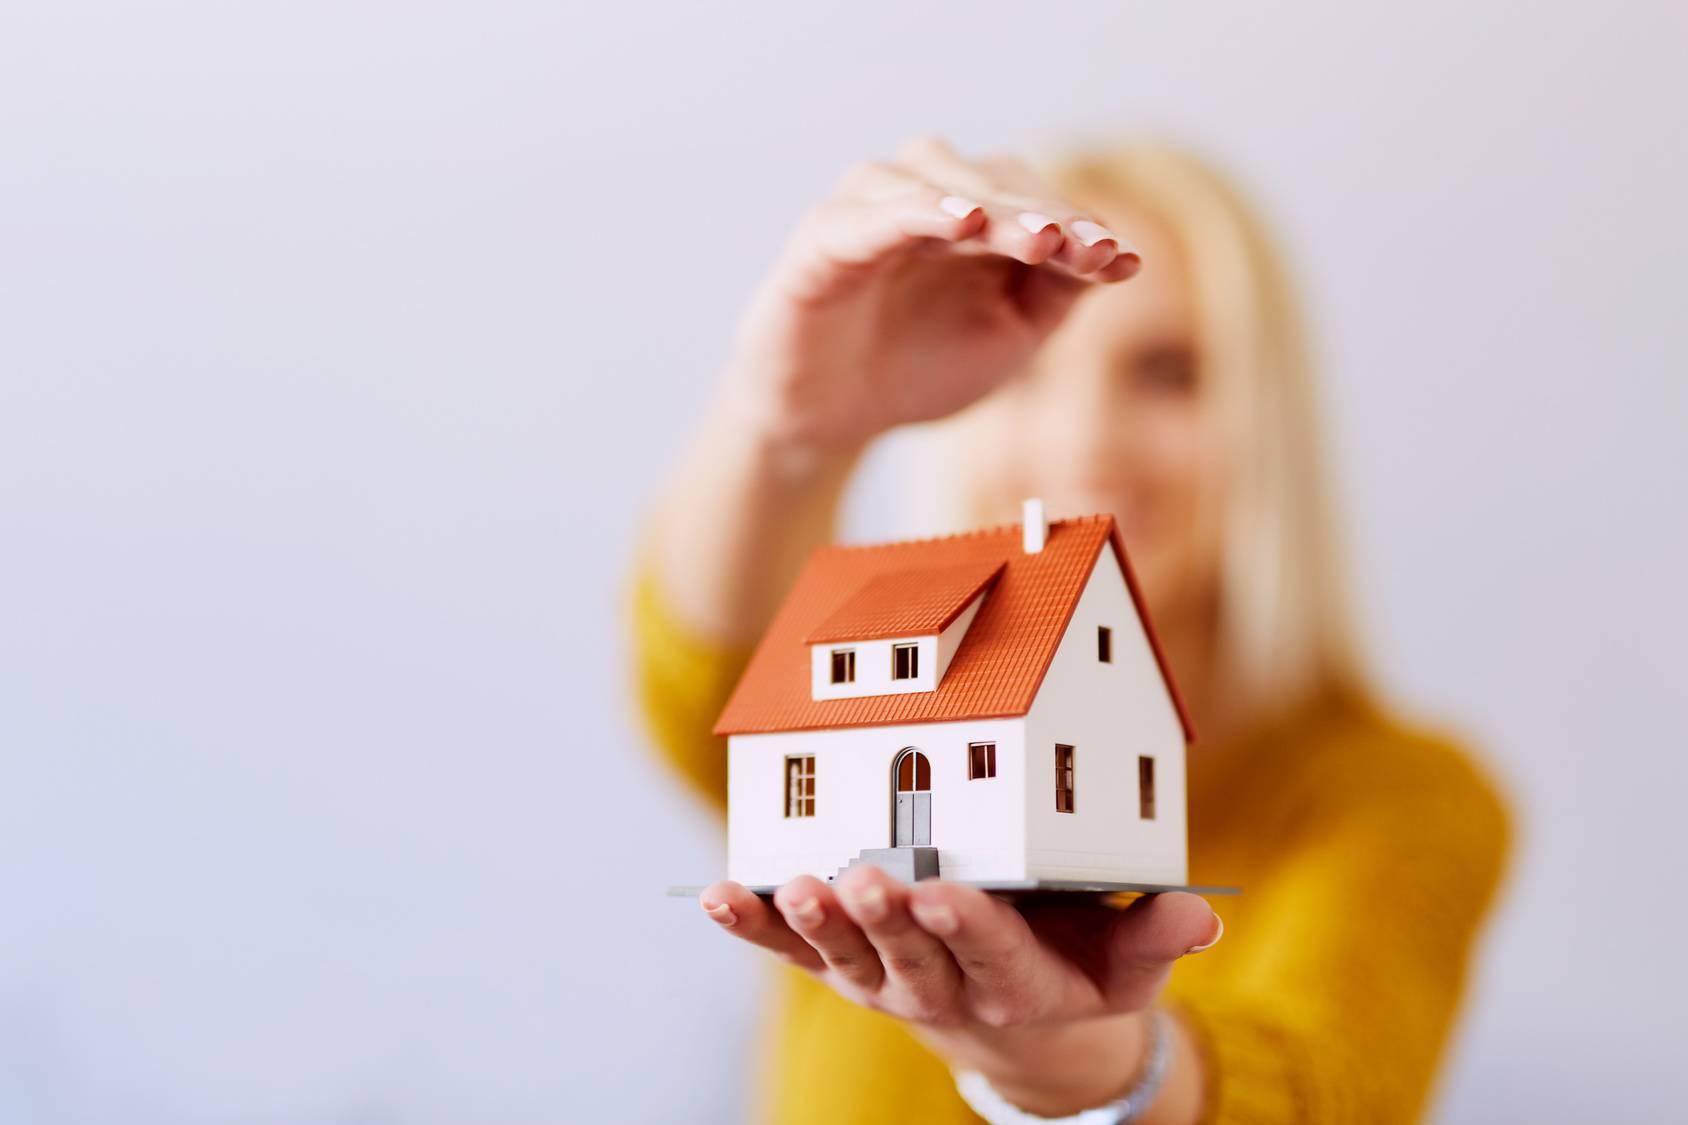 L'achat d'un bien immobilier : 2 assurances indispensables